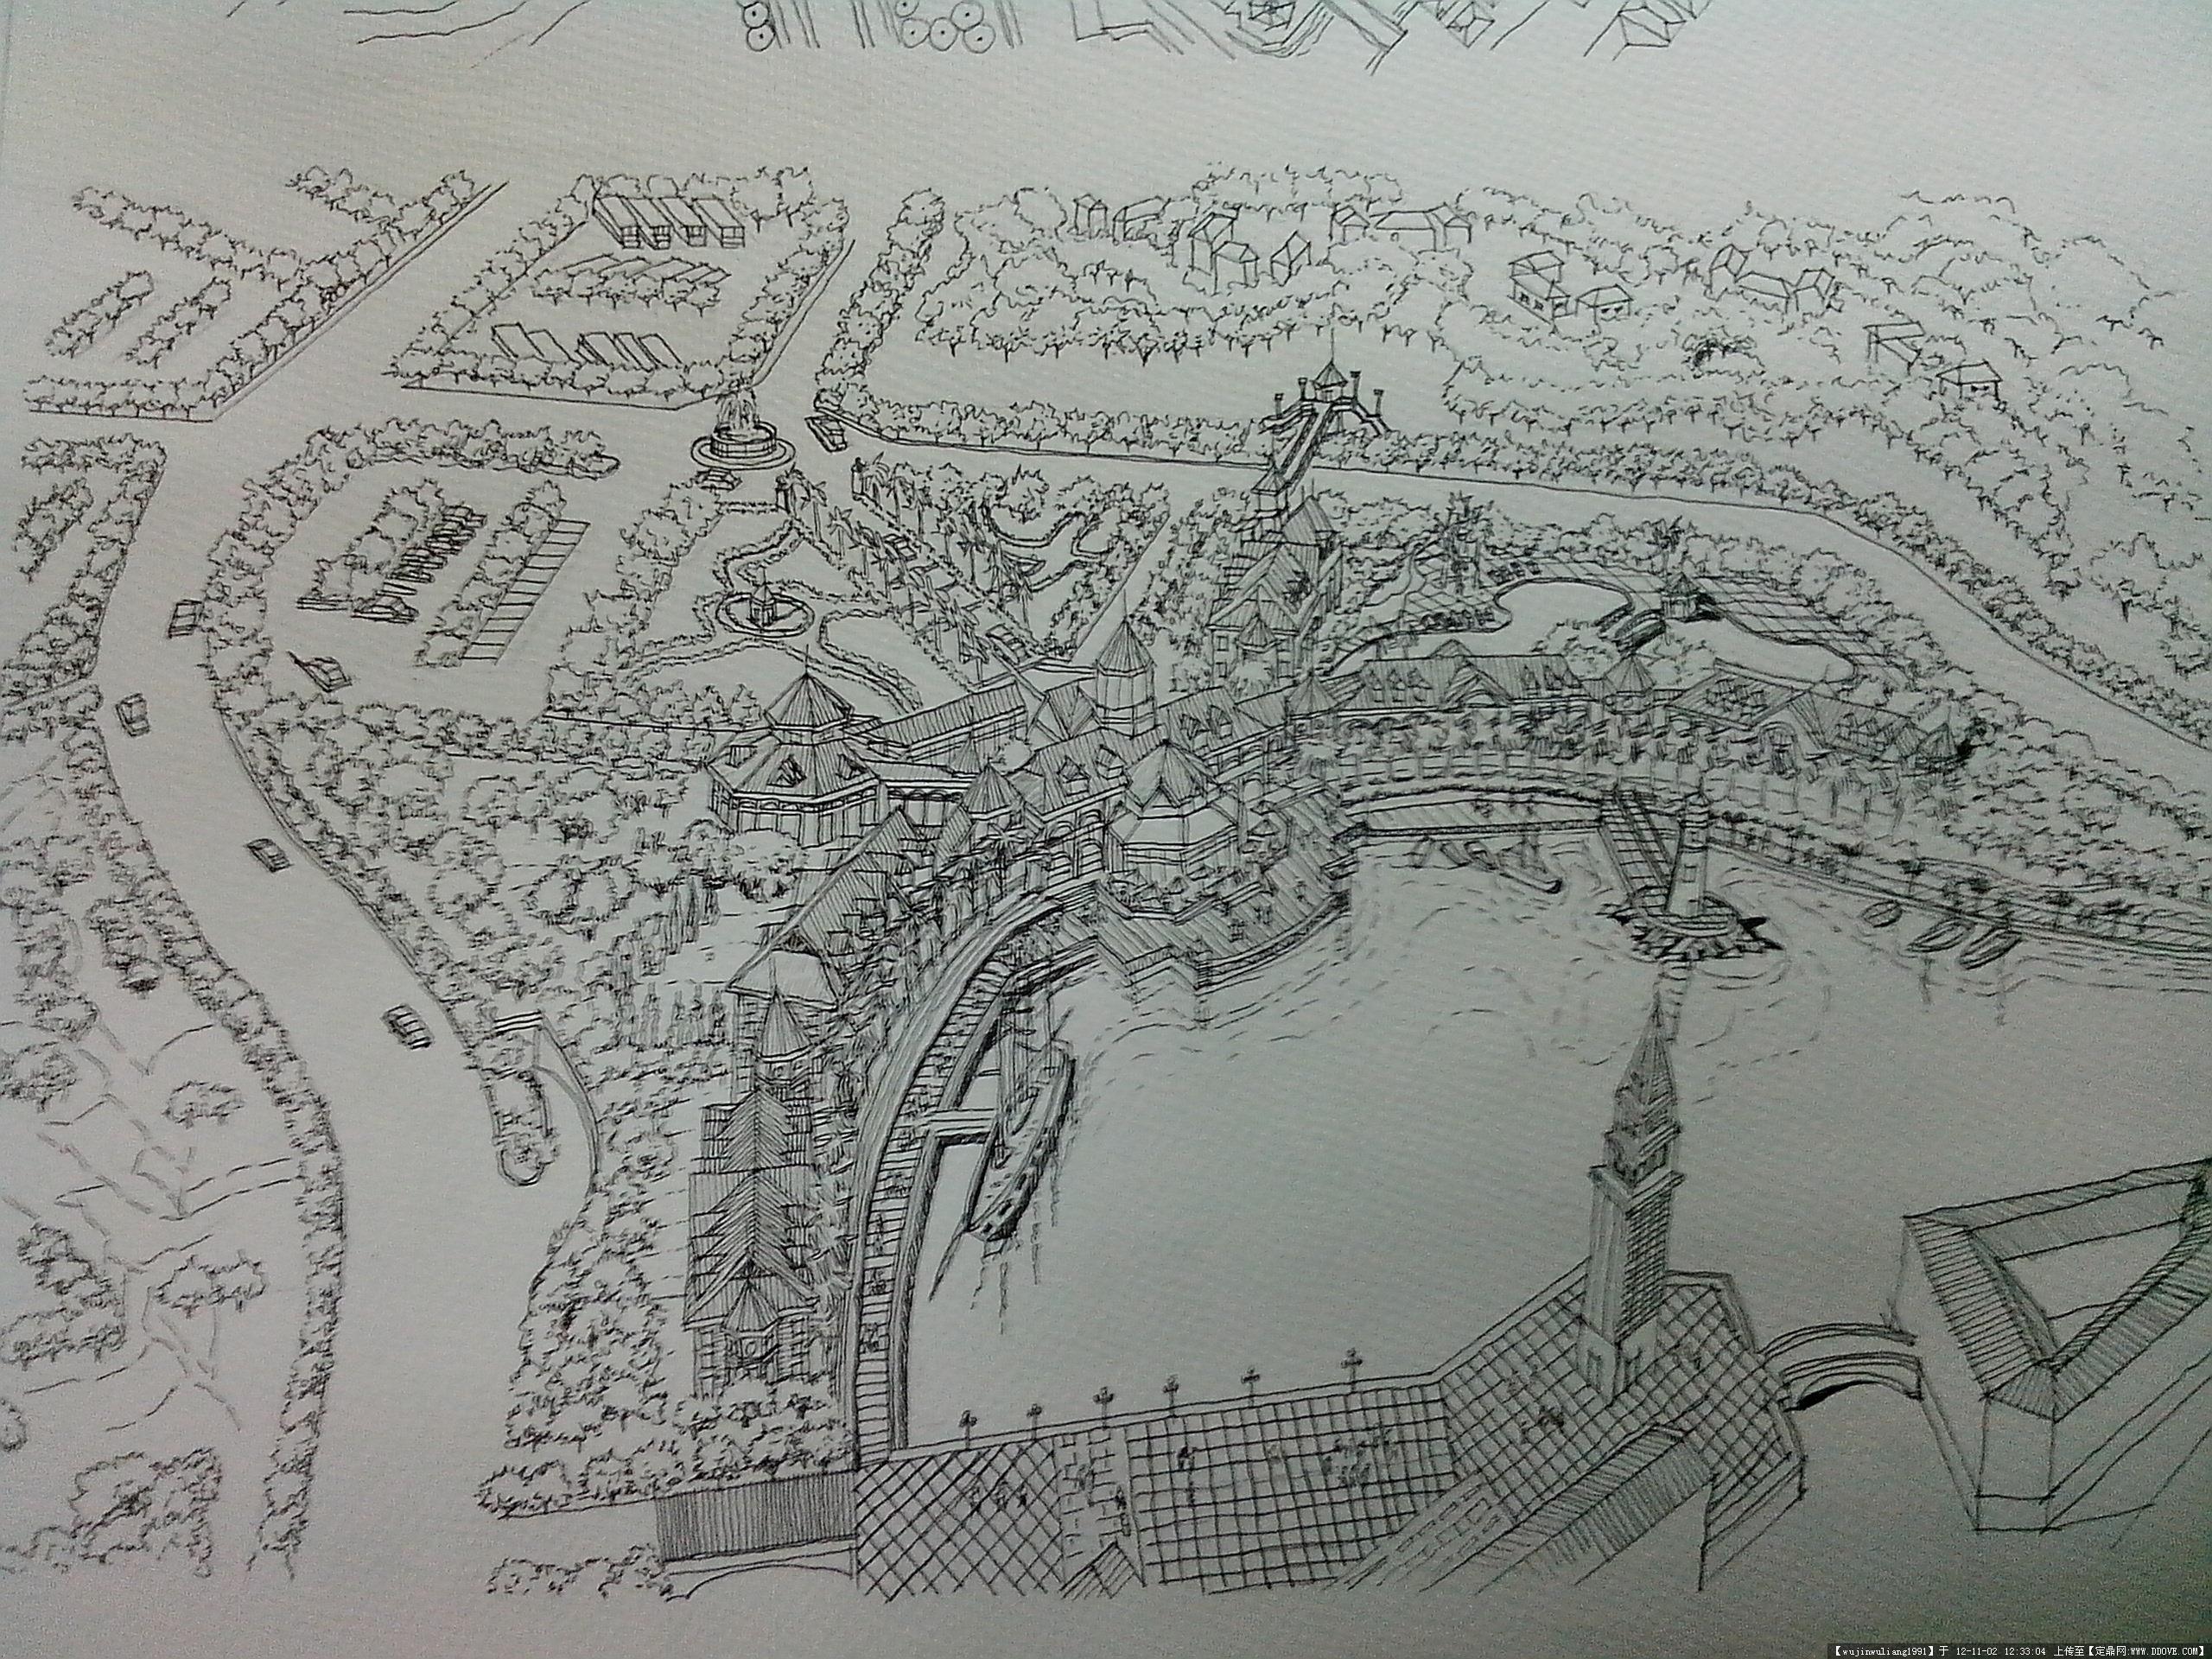 宾馆区的一个手绘鸟瞰图